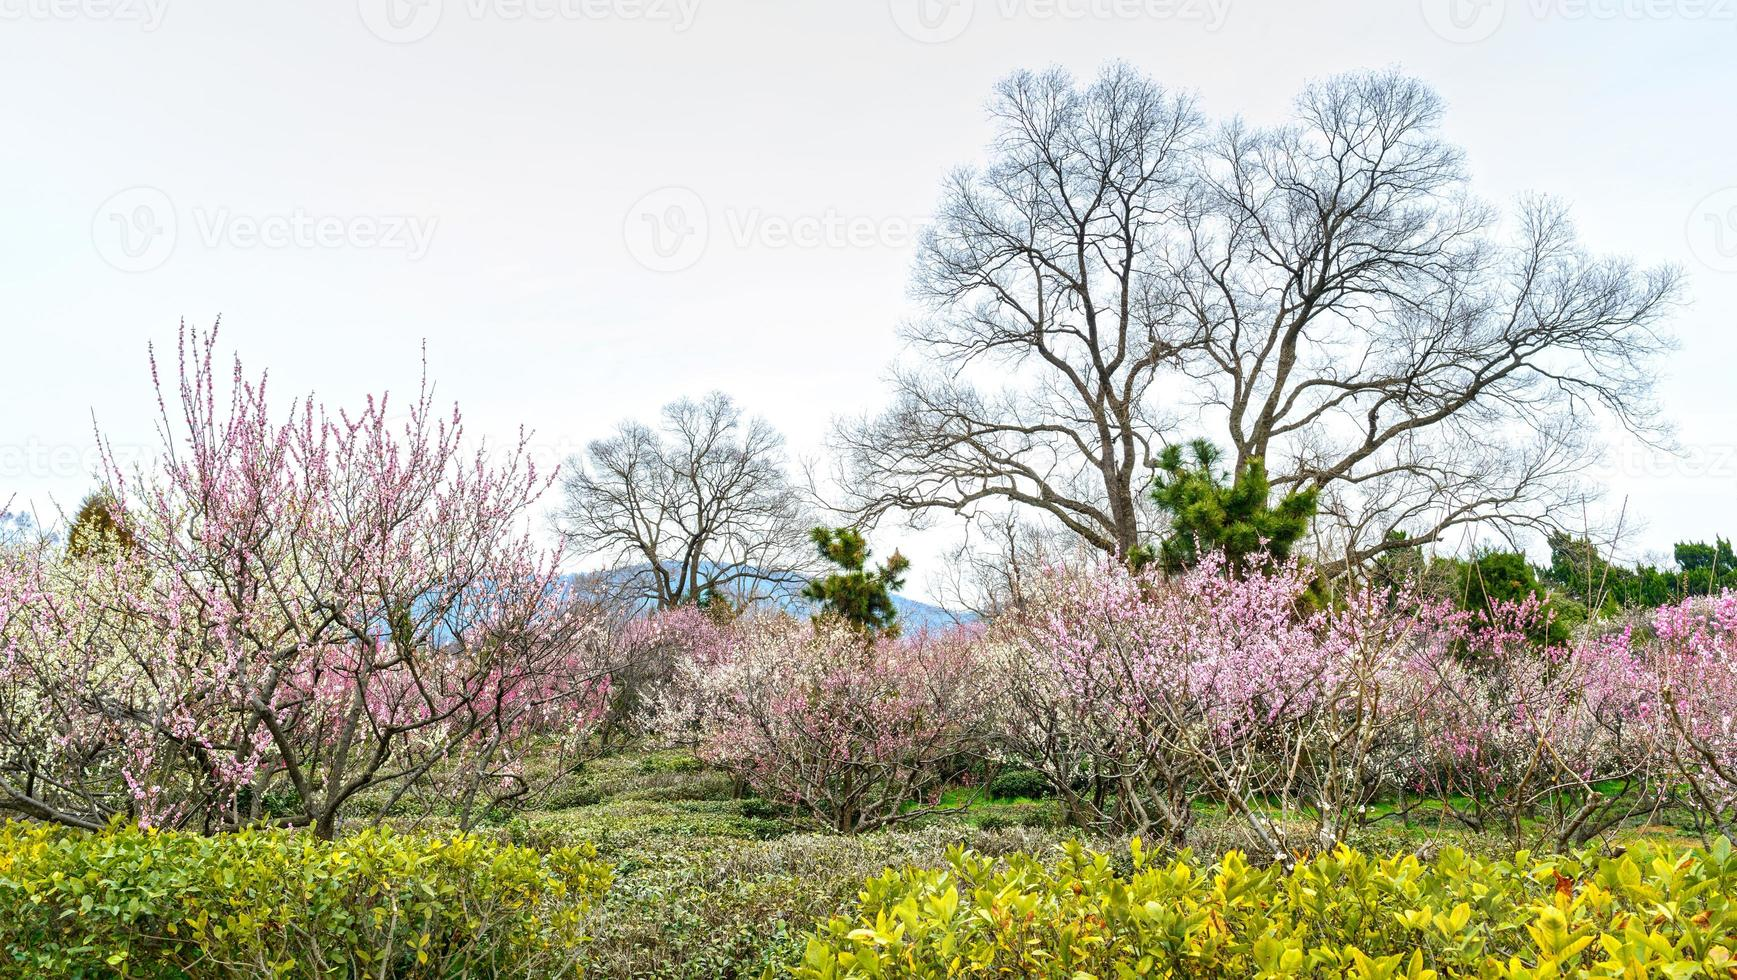 fiore di prugna all'inizio della primavera foto